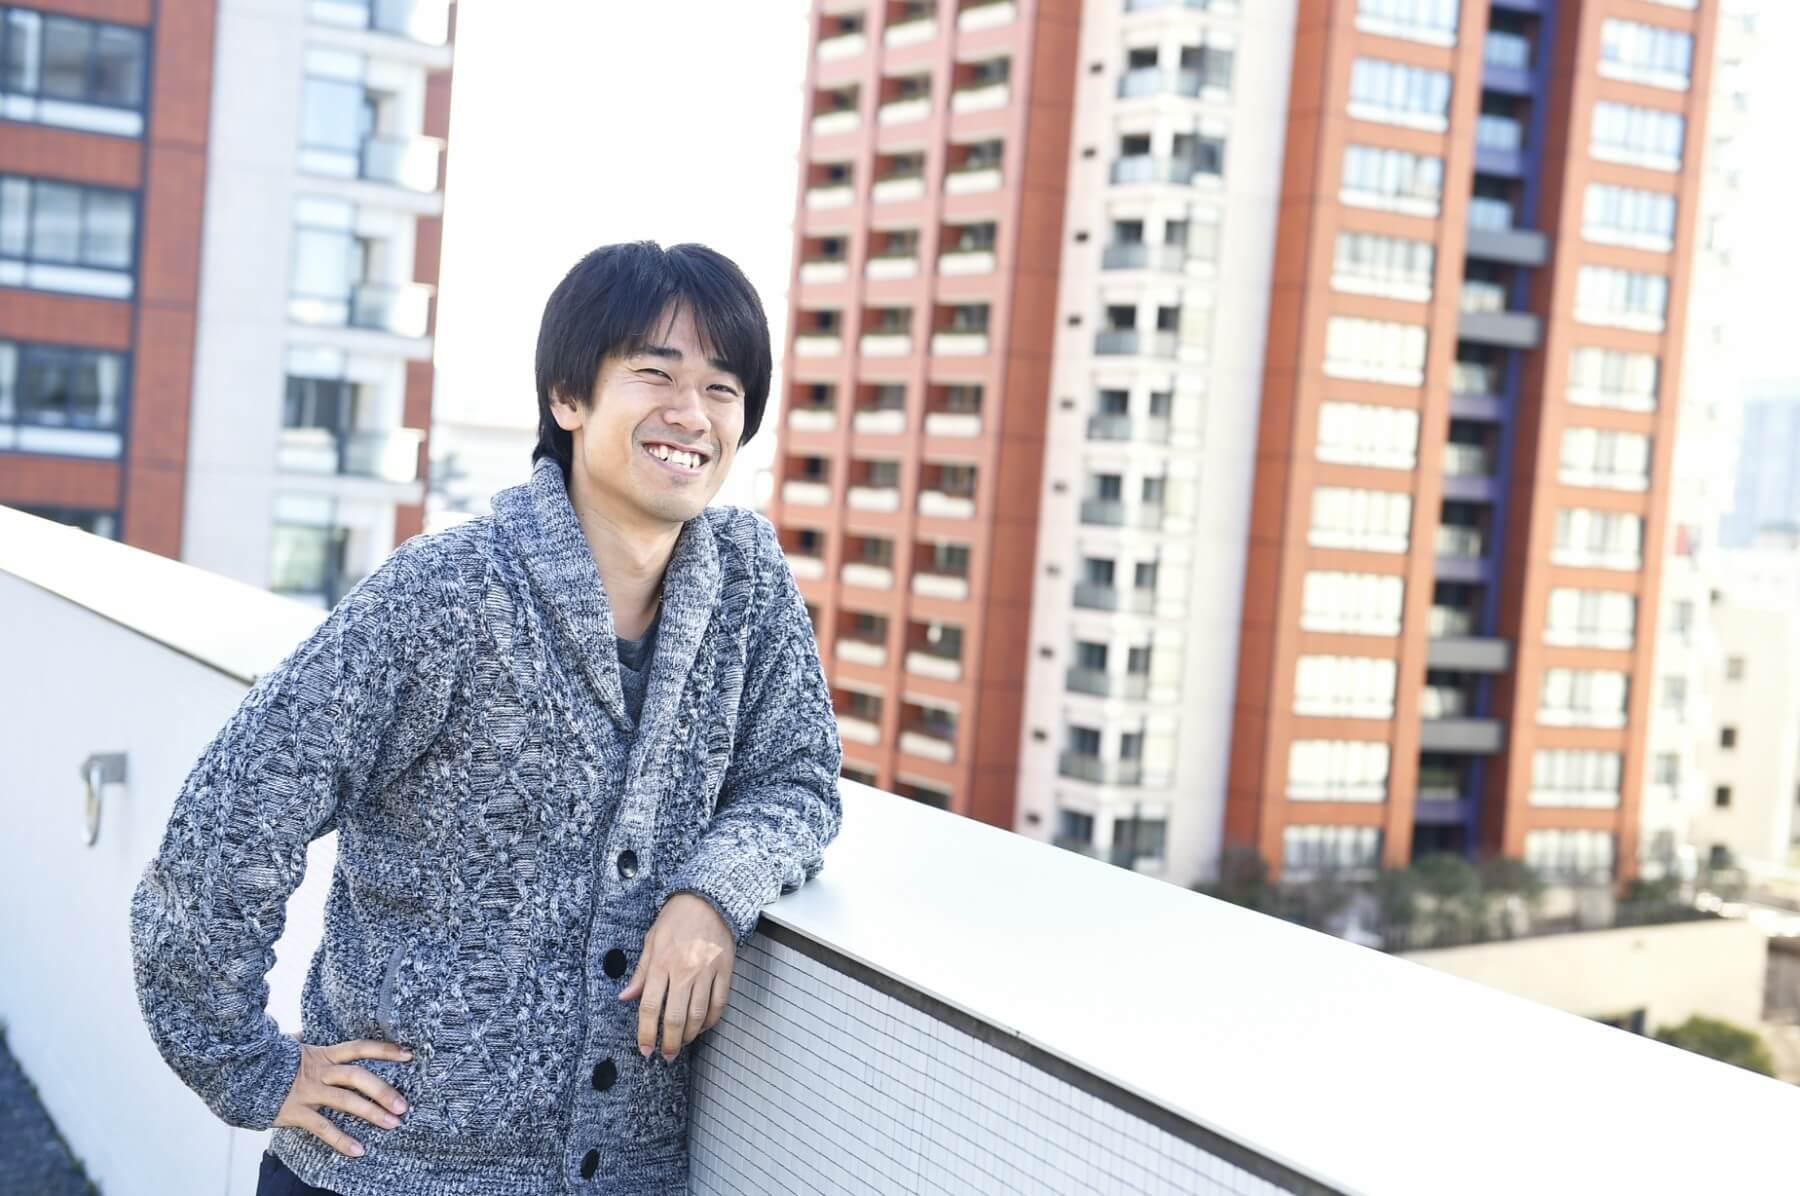 第17回 テレビ朝日系列『イチから住(いちからじゅう)』に見る 地方移住の魅力